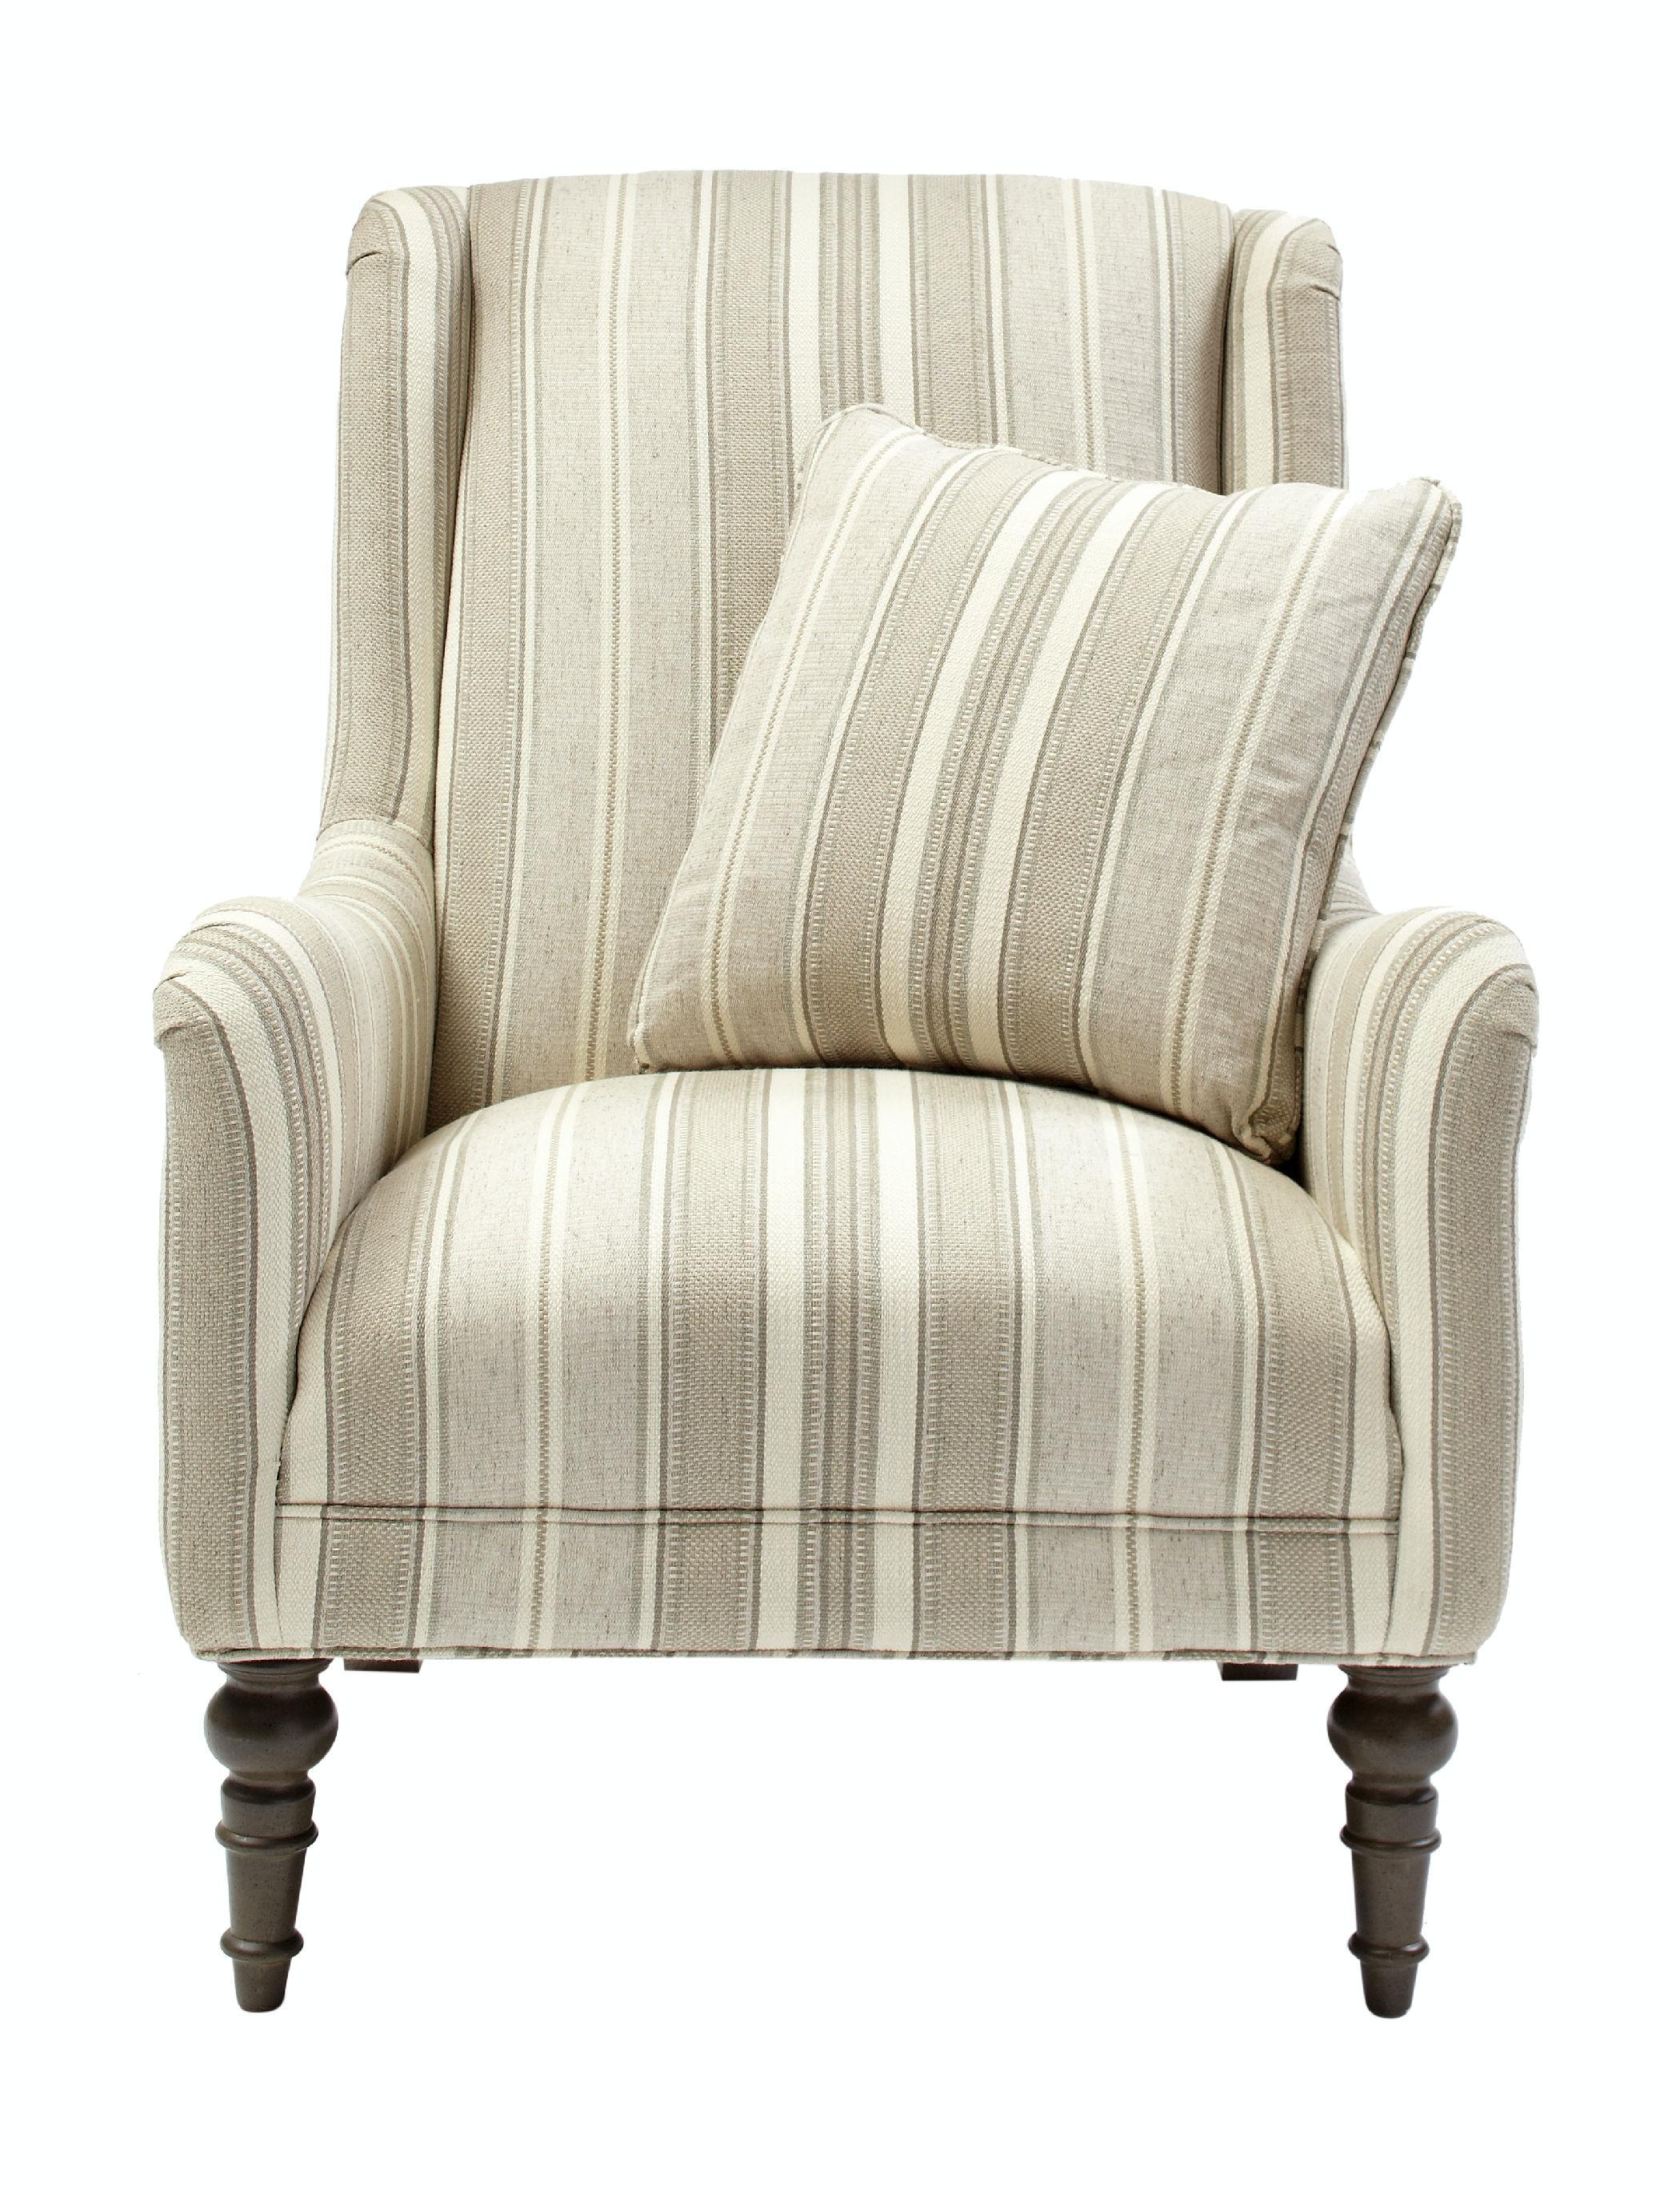 Paula Deen Dogwood Wing Chair ST:438495